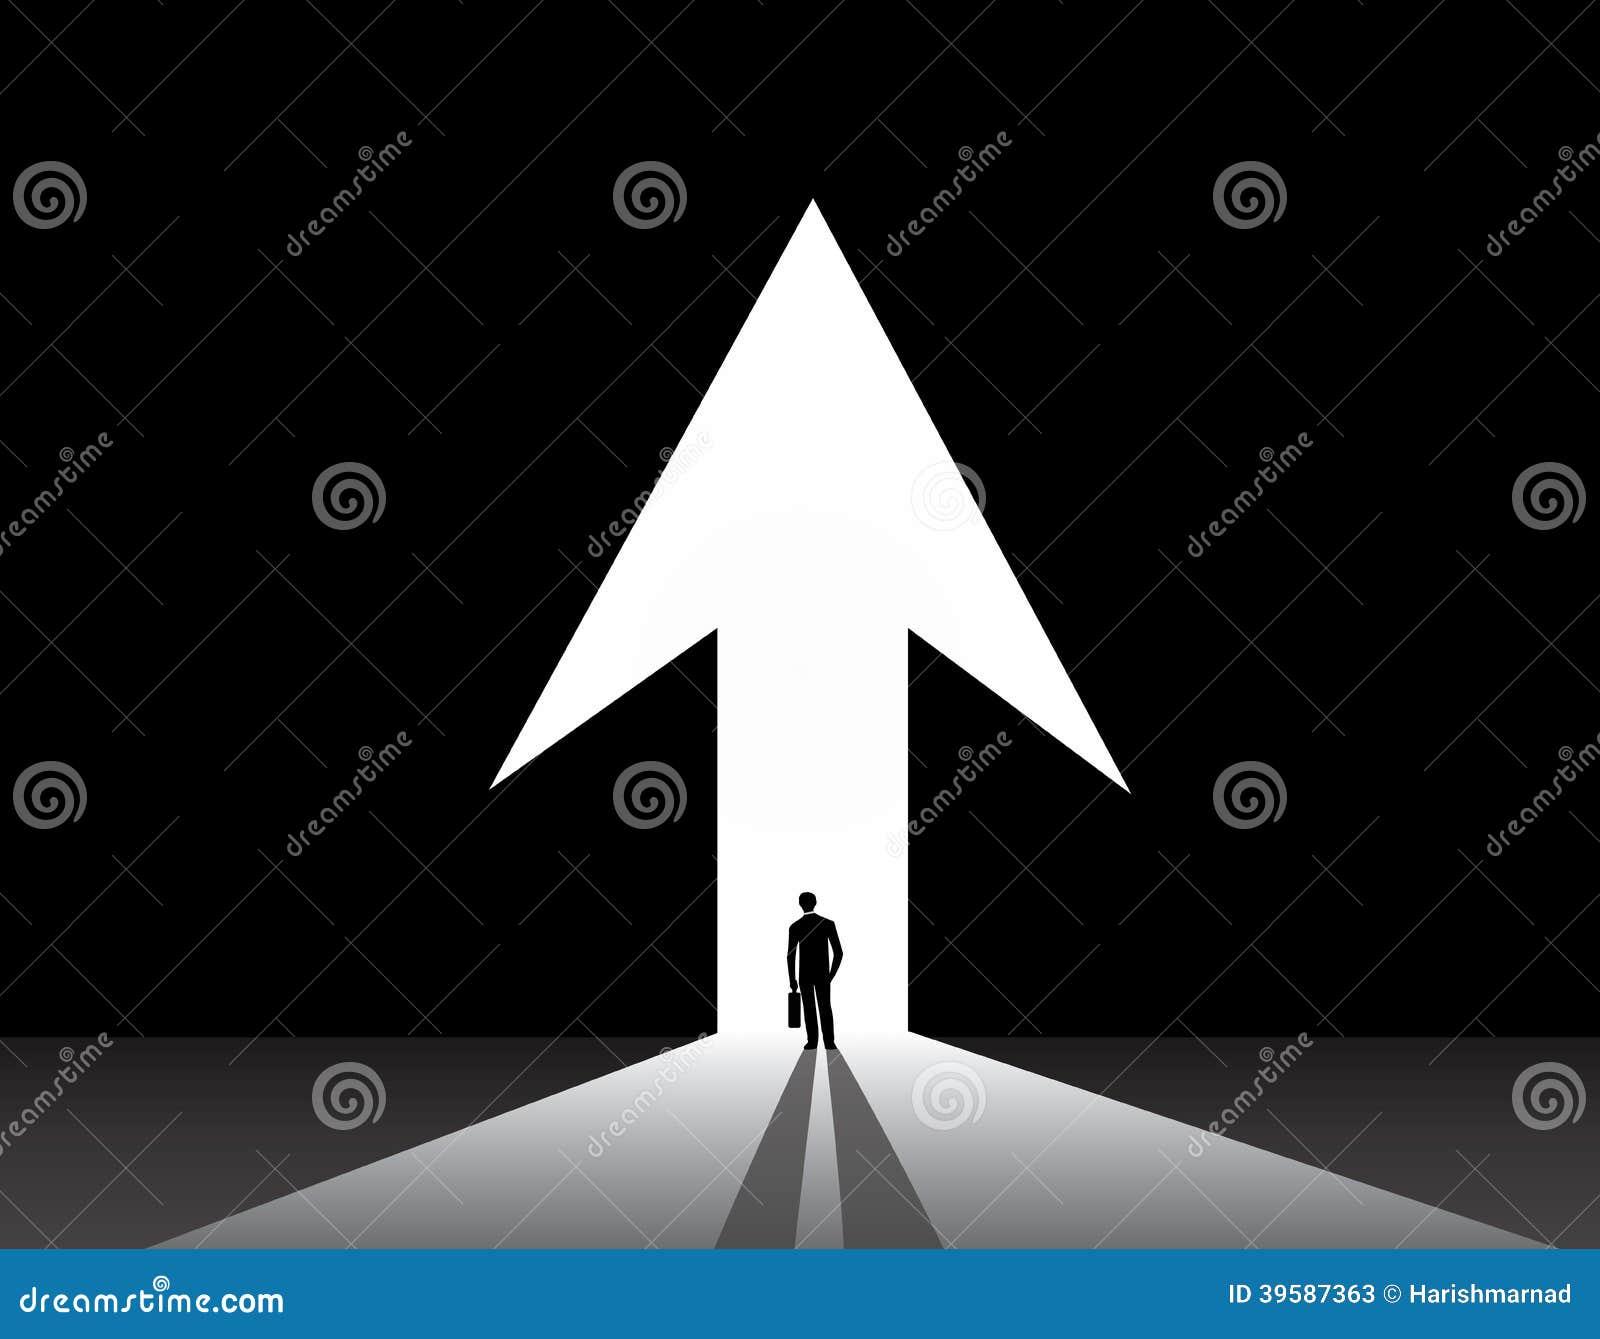 Businessman silhouette front of up arrow door Stock Photos & The Future - Door Mat Open Door Arrow Stock Photos - Image: 16947873 Pezcame.Com